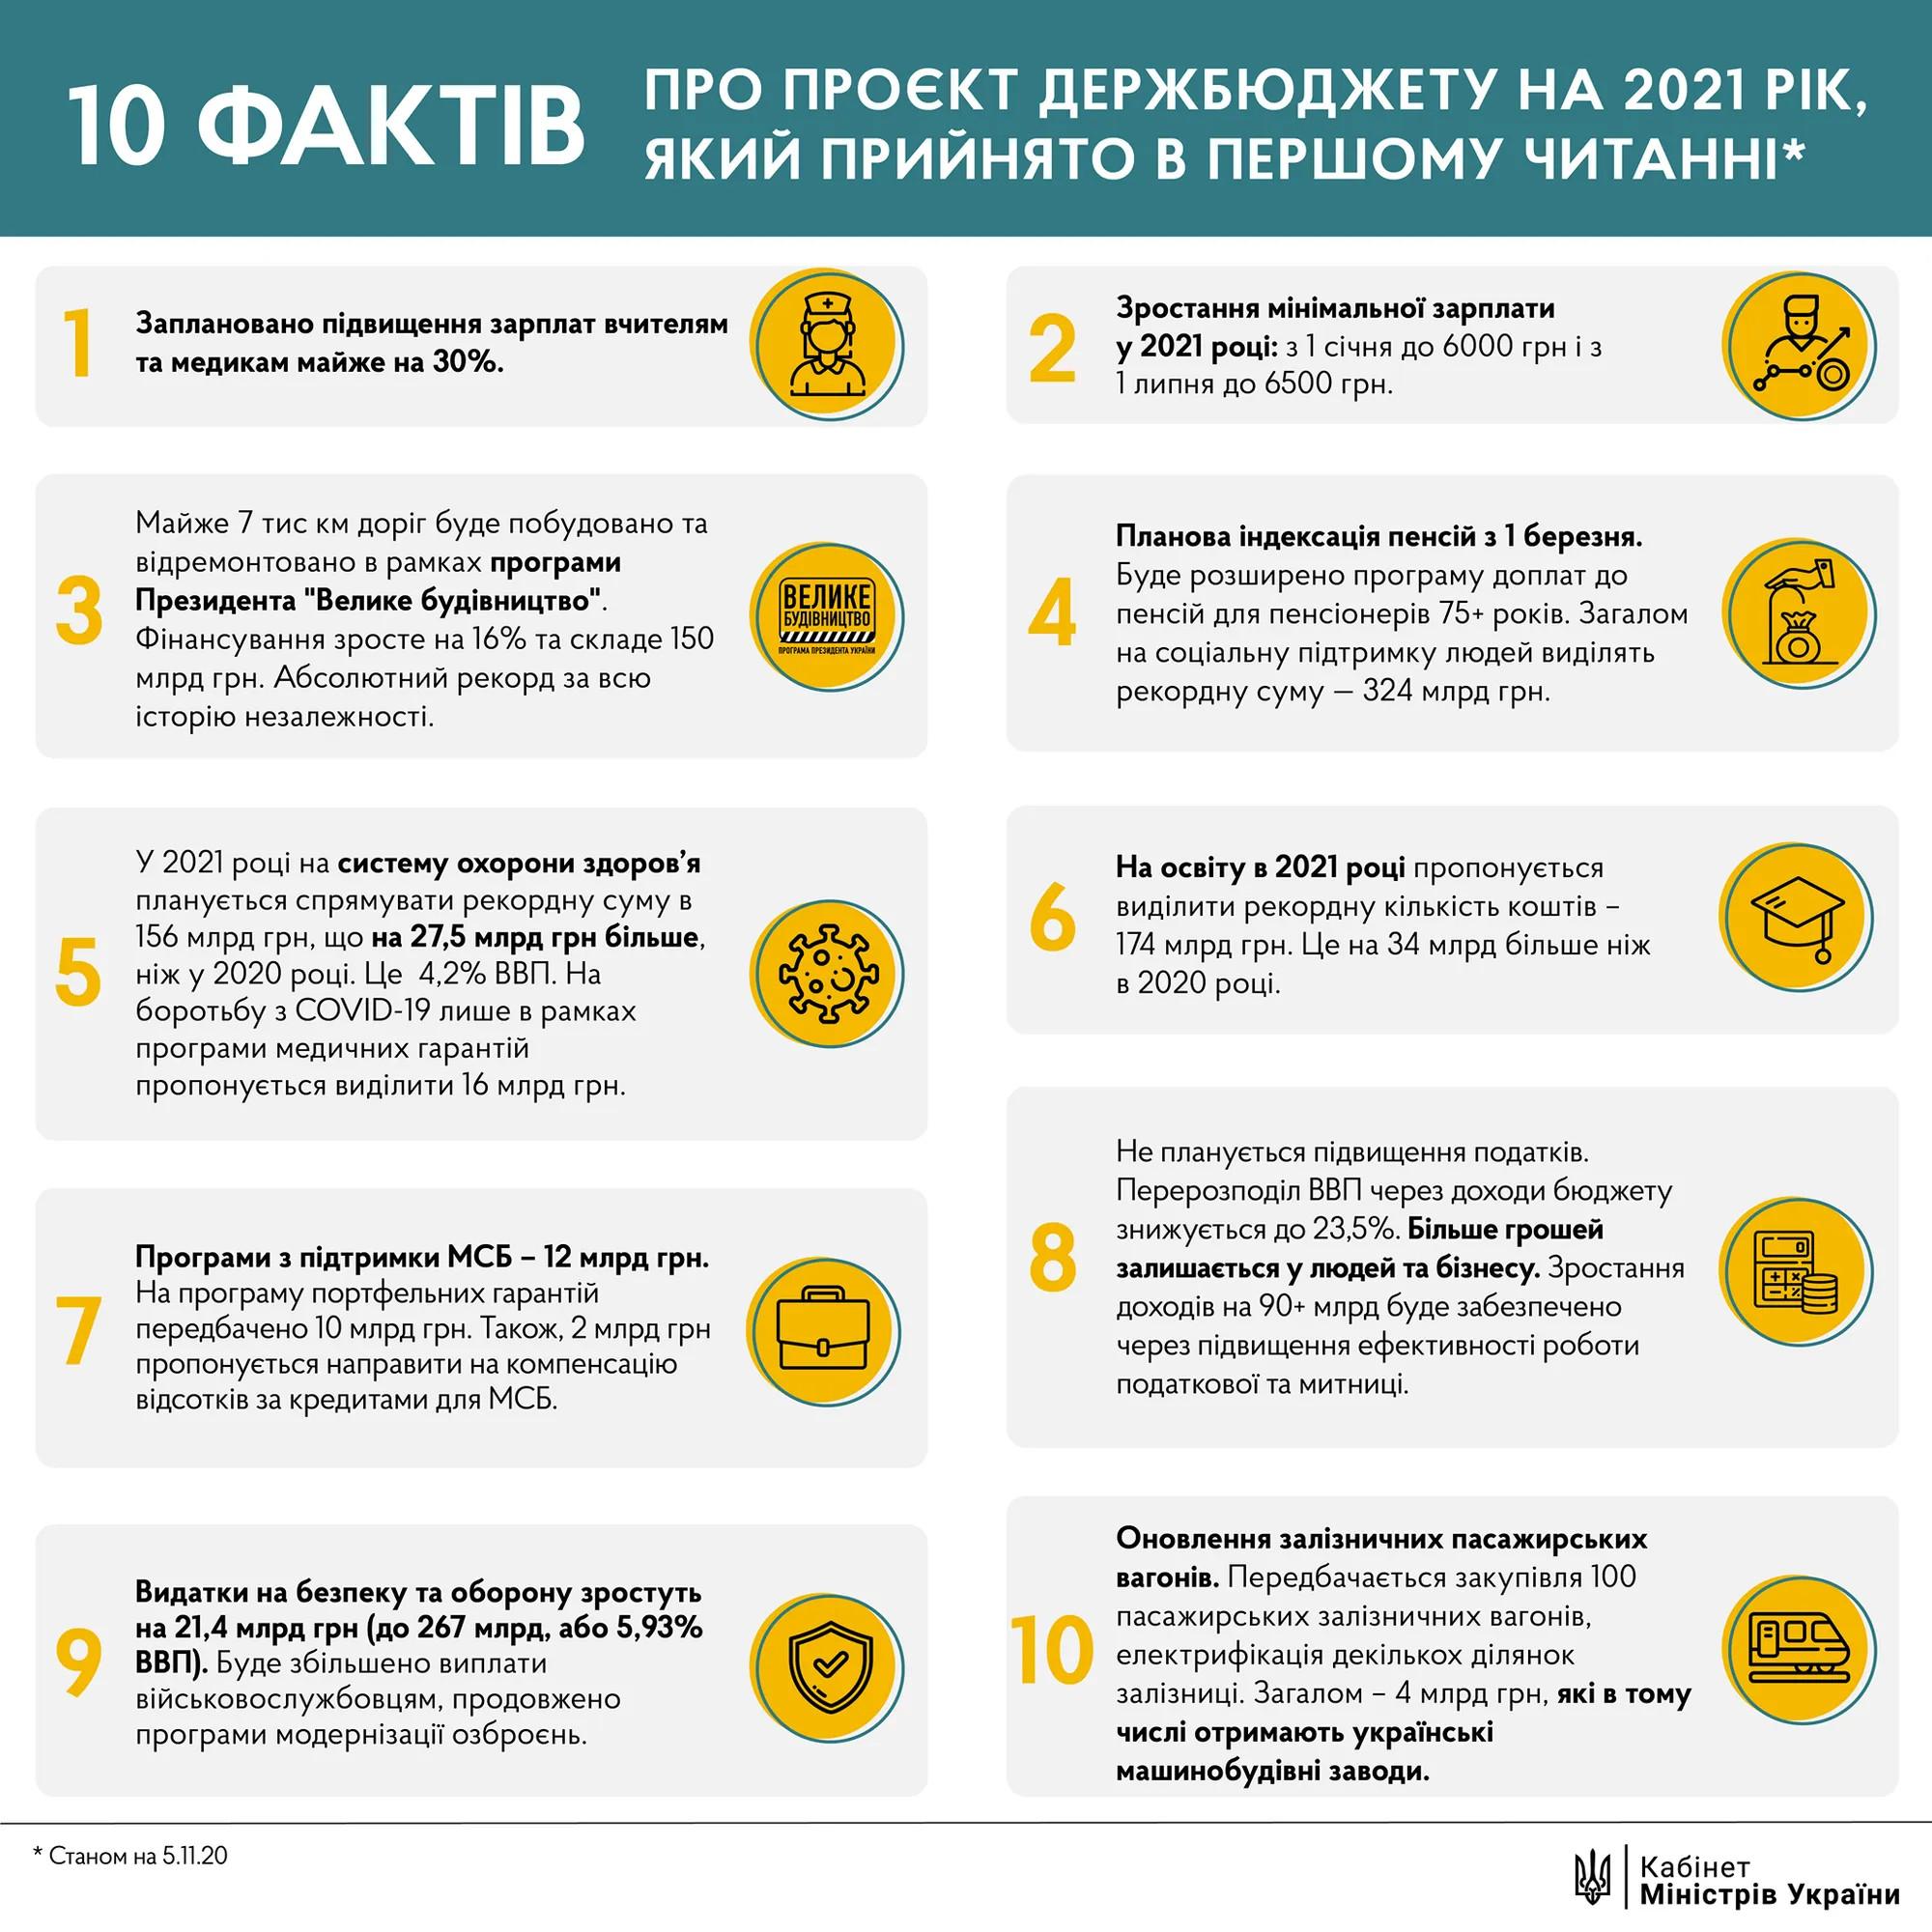 10 фактов о проекте Госбджета Украины на 2021 год, принятого в первом чтении